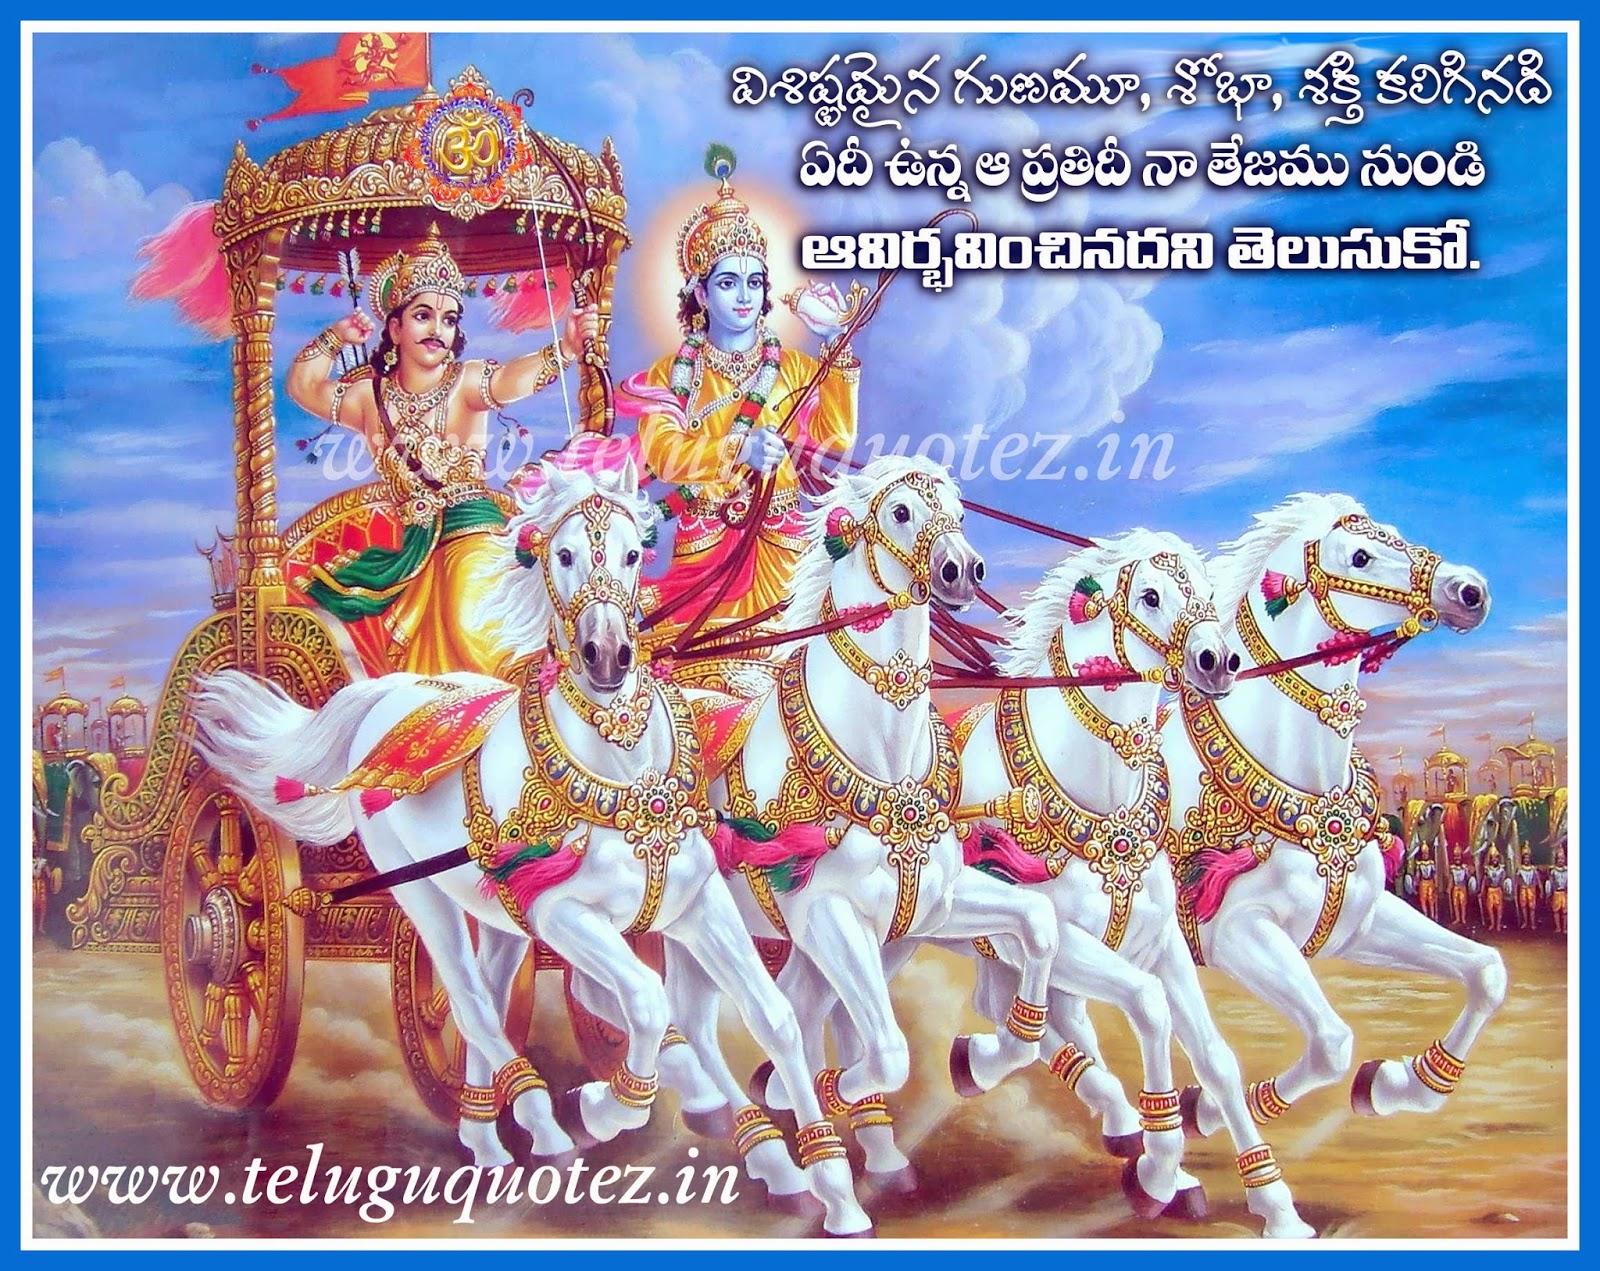 bhagavad-gita-devotional-quotes-in-telugu-language